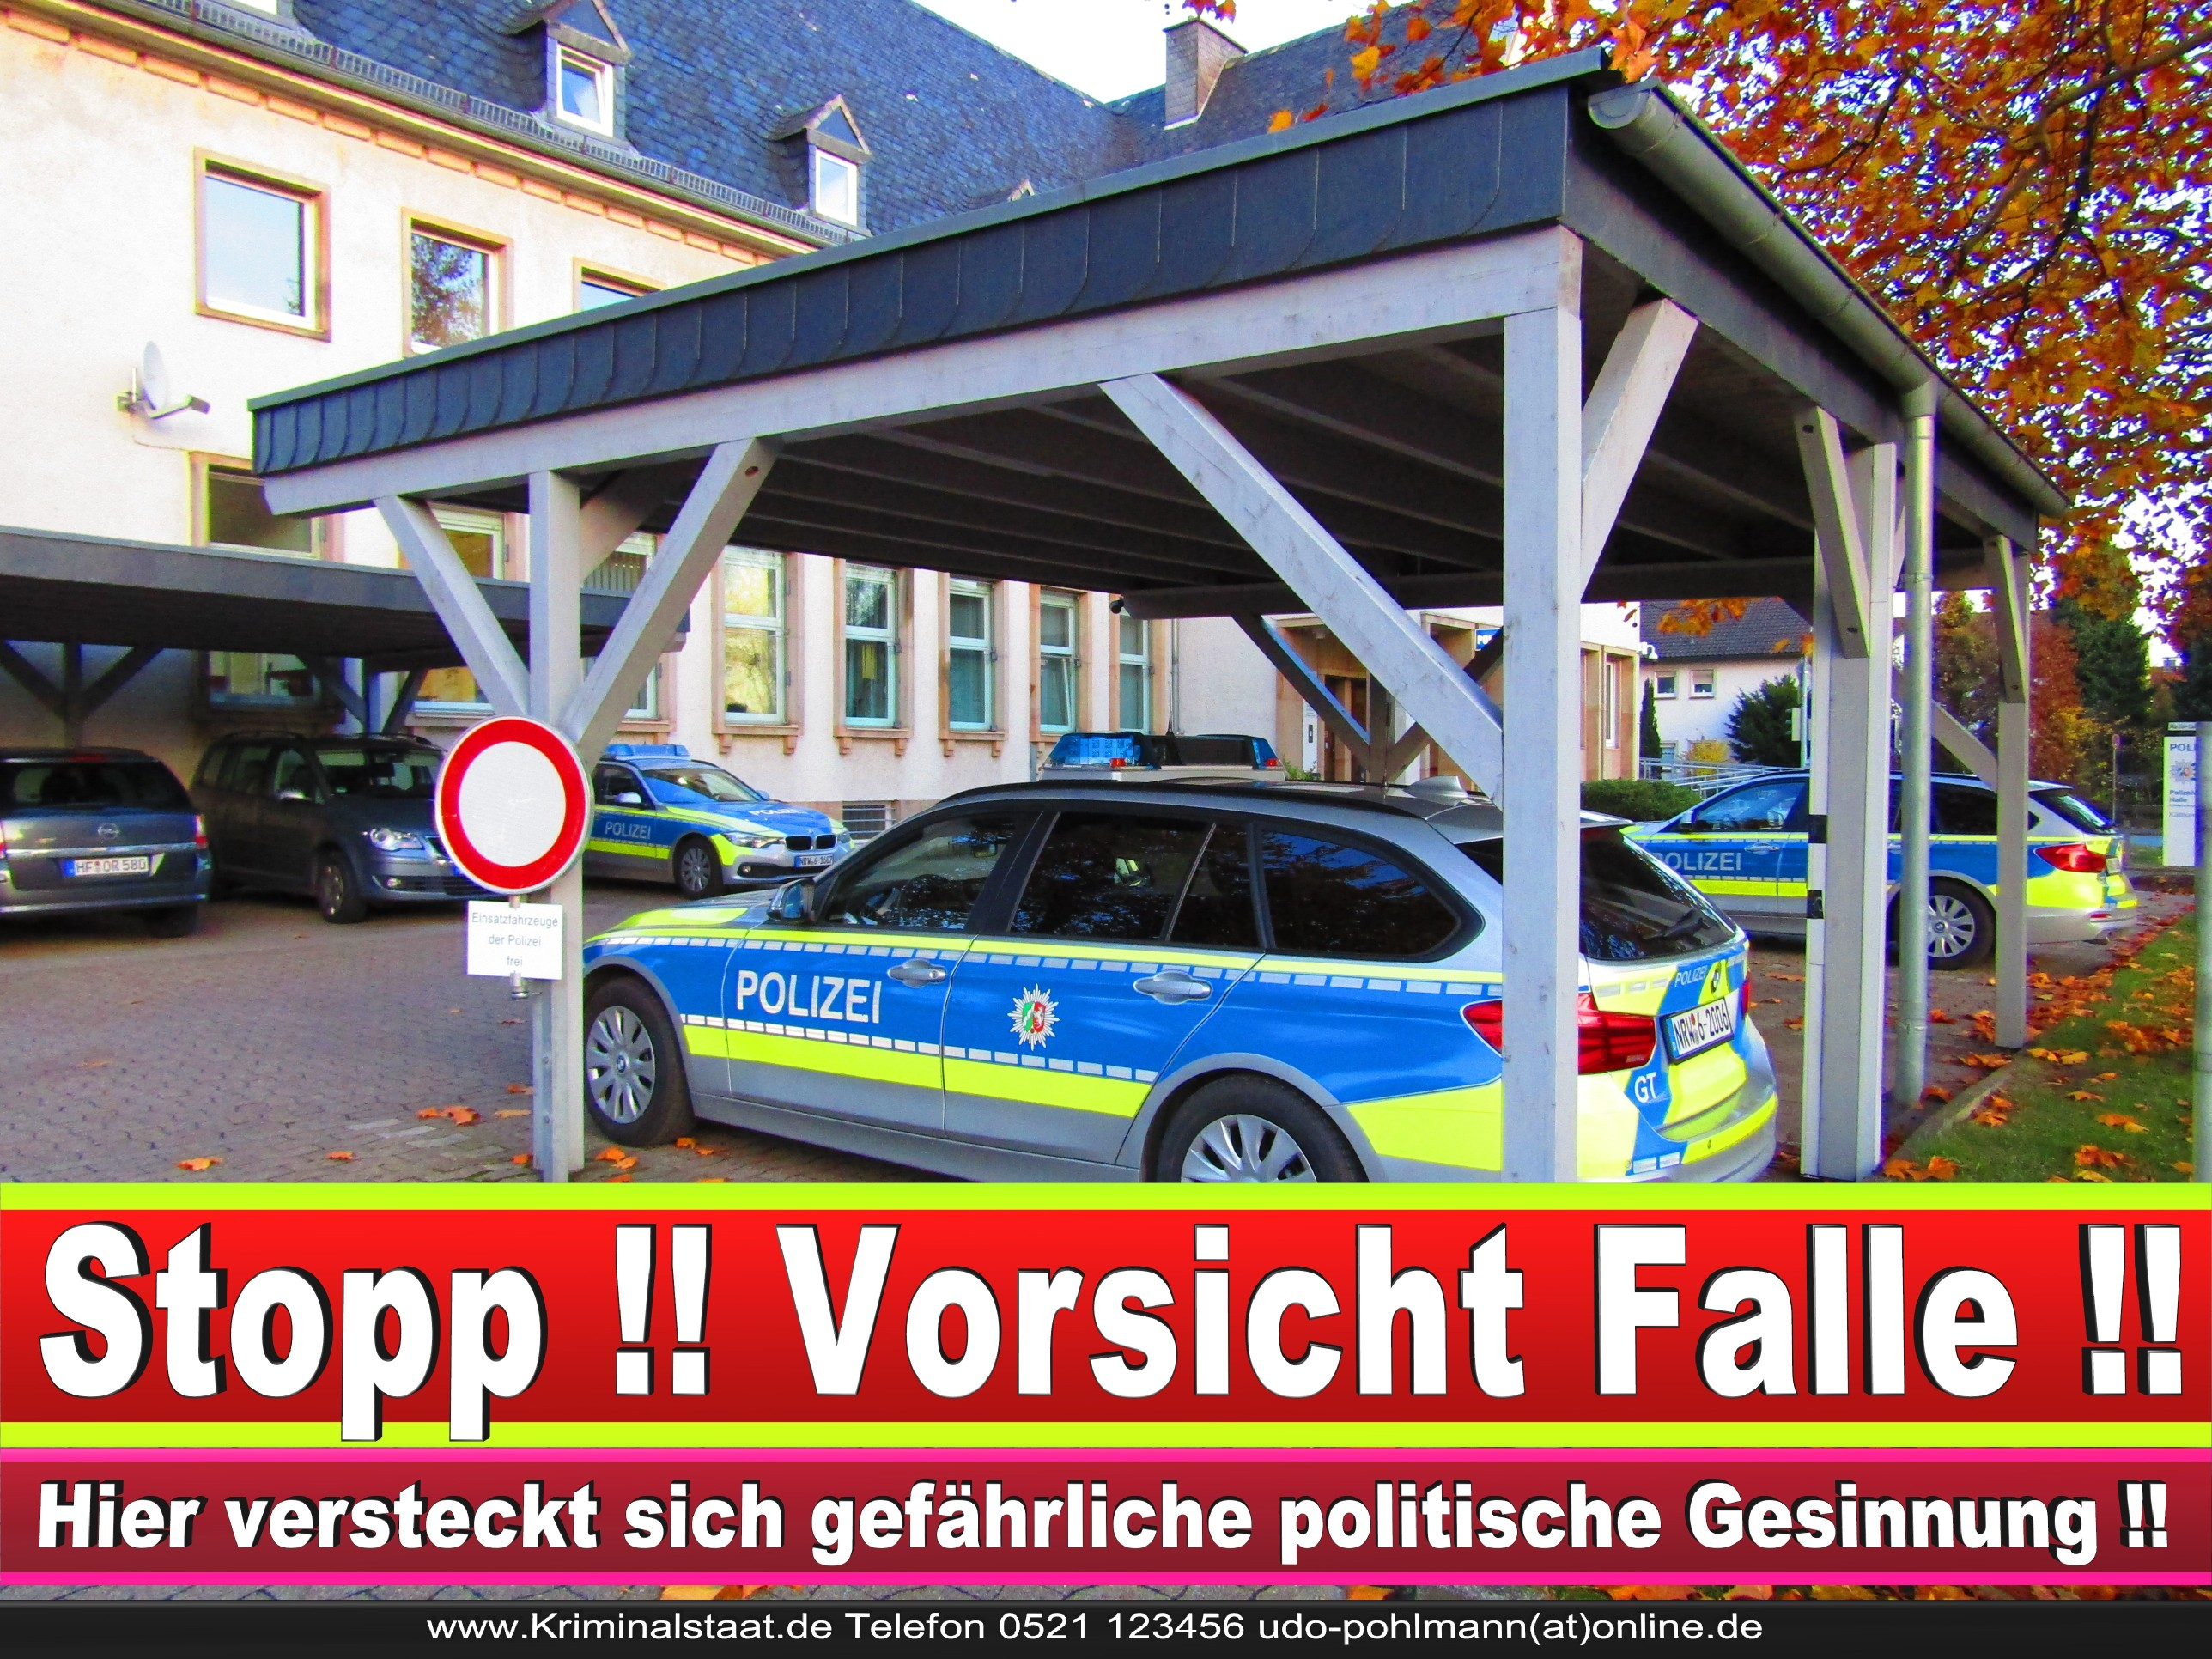 CDU Steinhagen Halle Harsewinkel Gütersloh Bielefeld Polizeirevier Polizisten Verurteilt Drogen Urteil Strafe Korruption Verbrechen Mafia Organisierte Kriminalität (7)